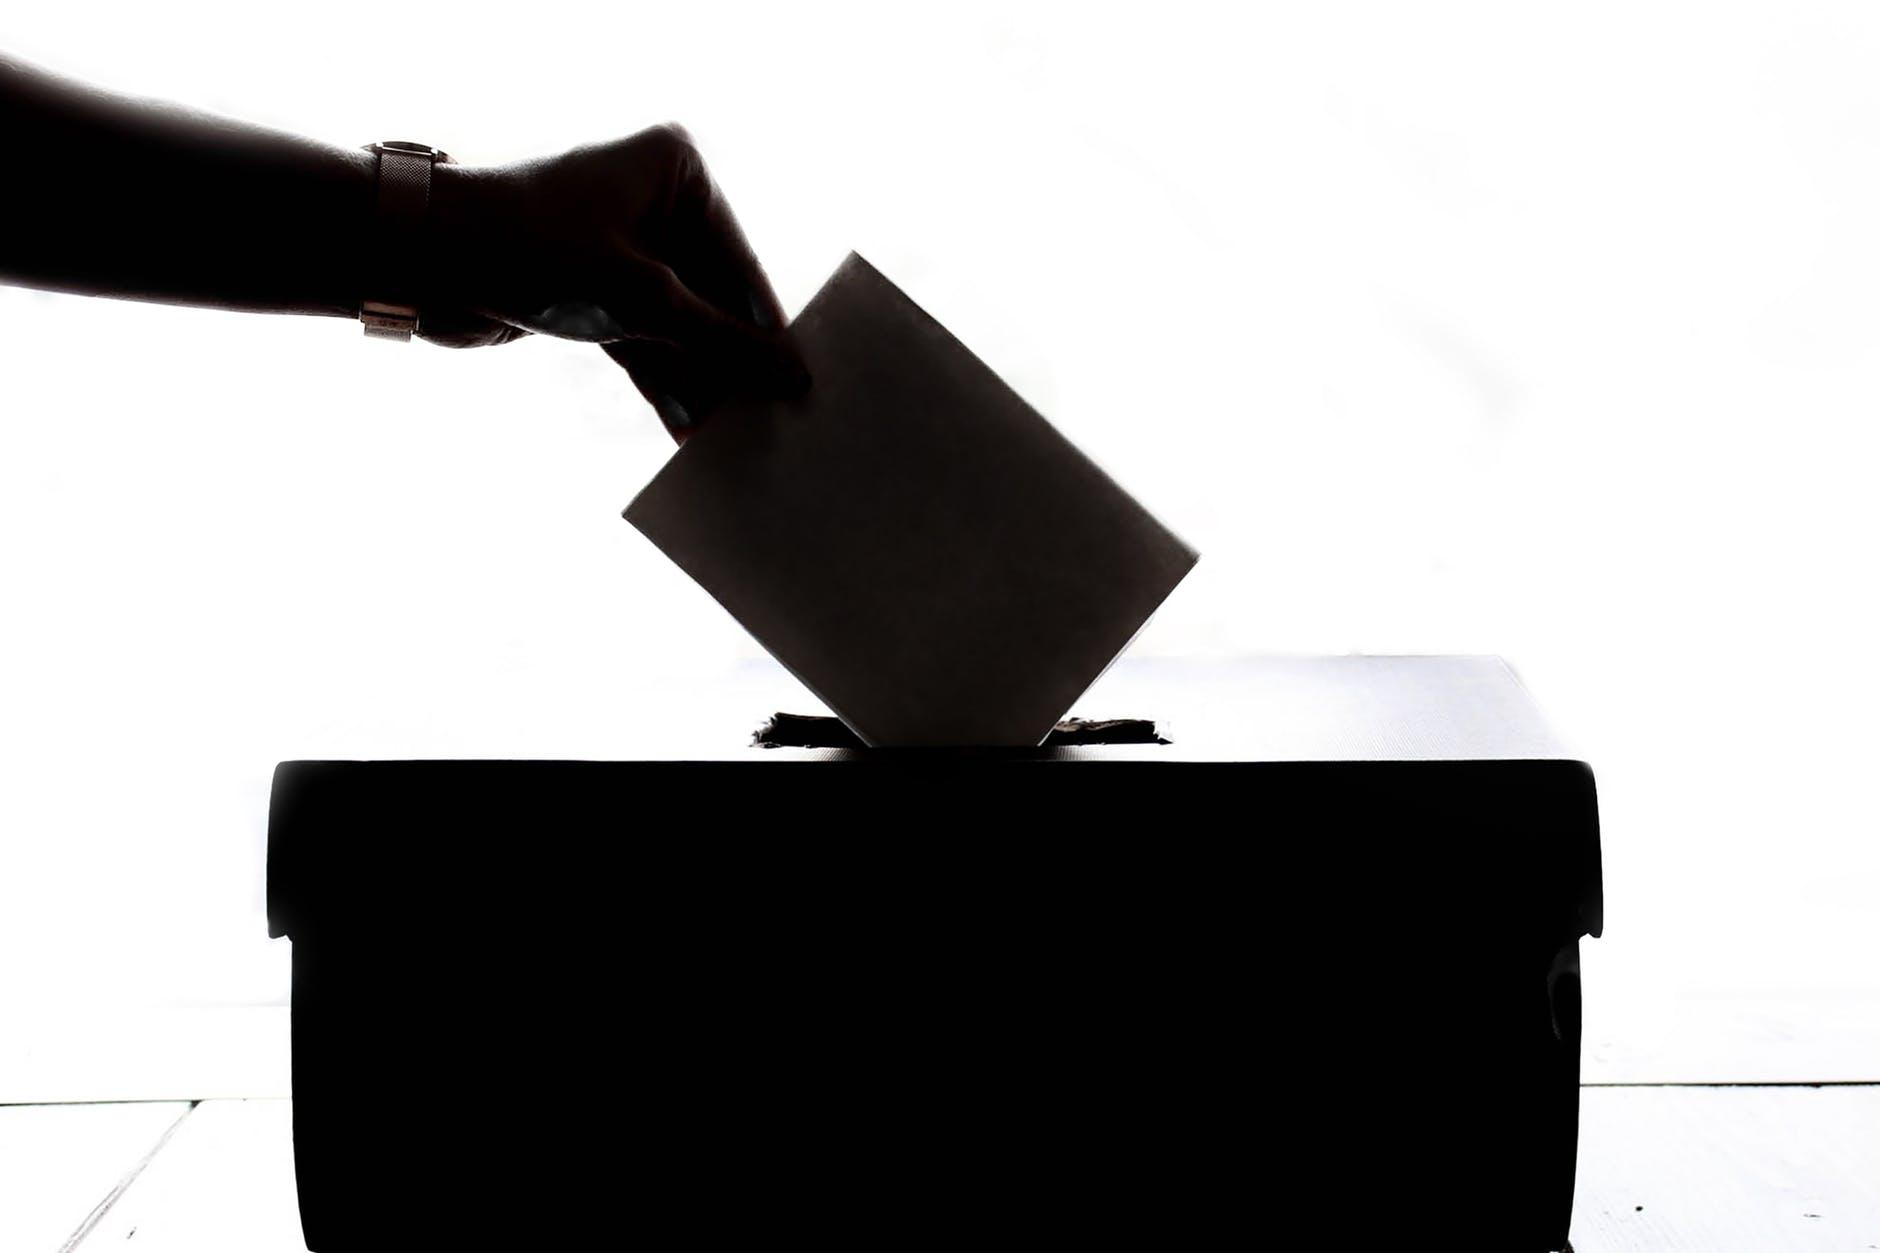 NOVI CROBAROMETAR Deset dana prije izbora, HDZ prvi izbor birača